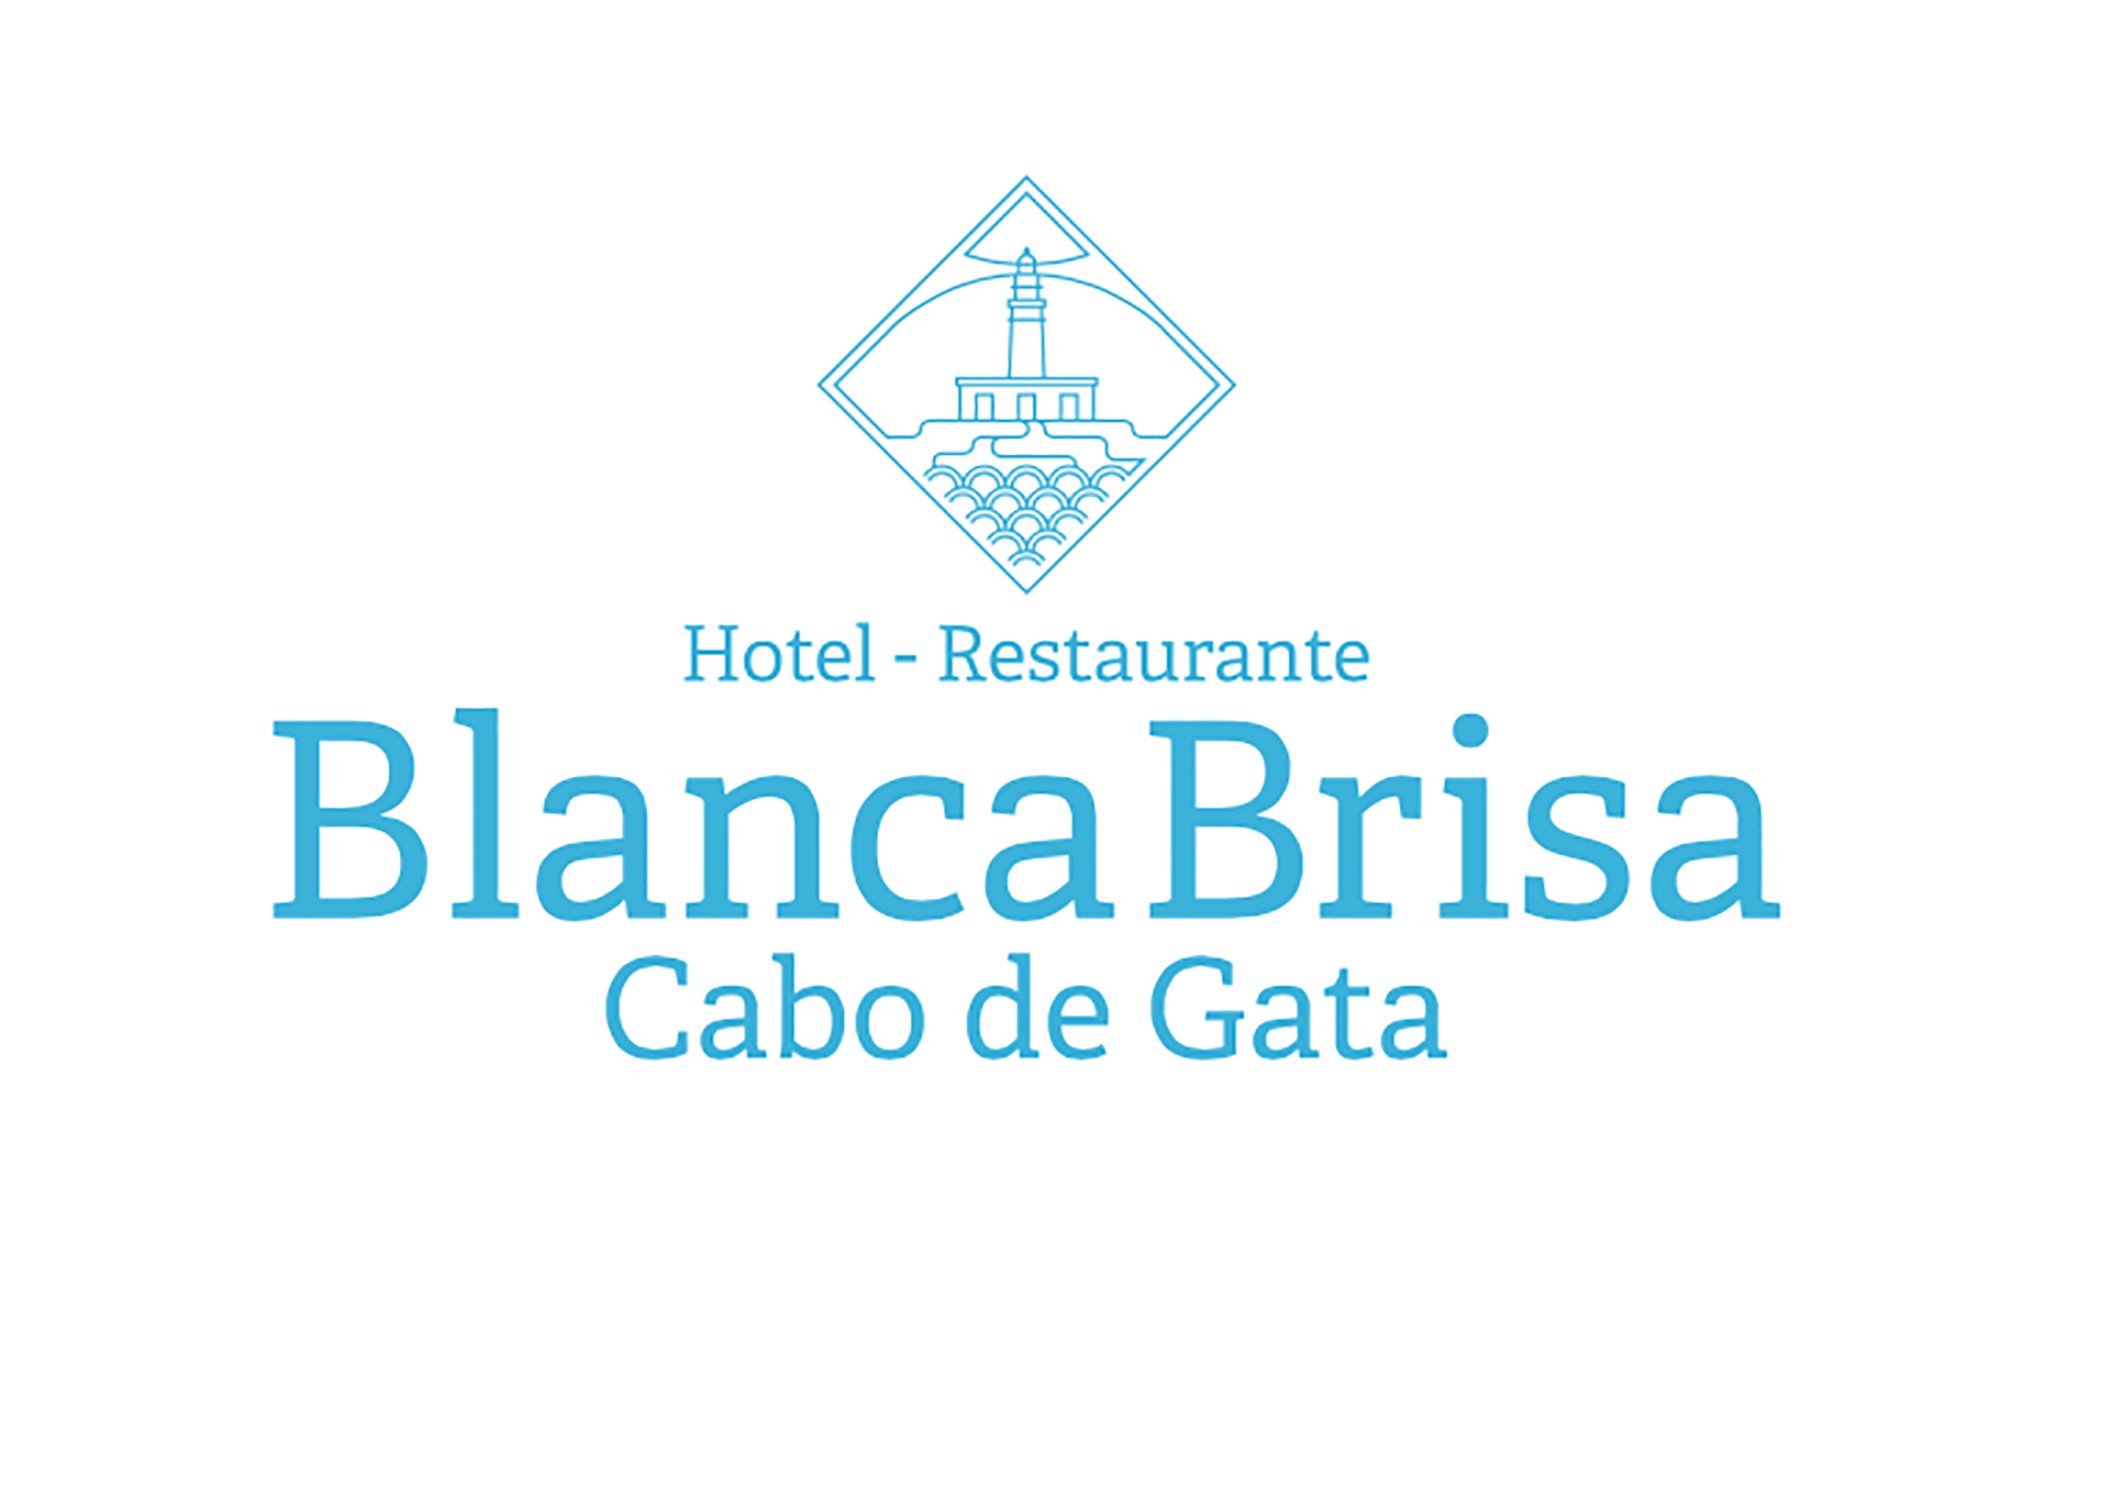 Restaurante Hotel Blanca Brisa Cabo de Gata